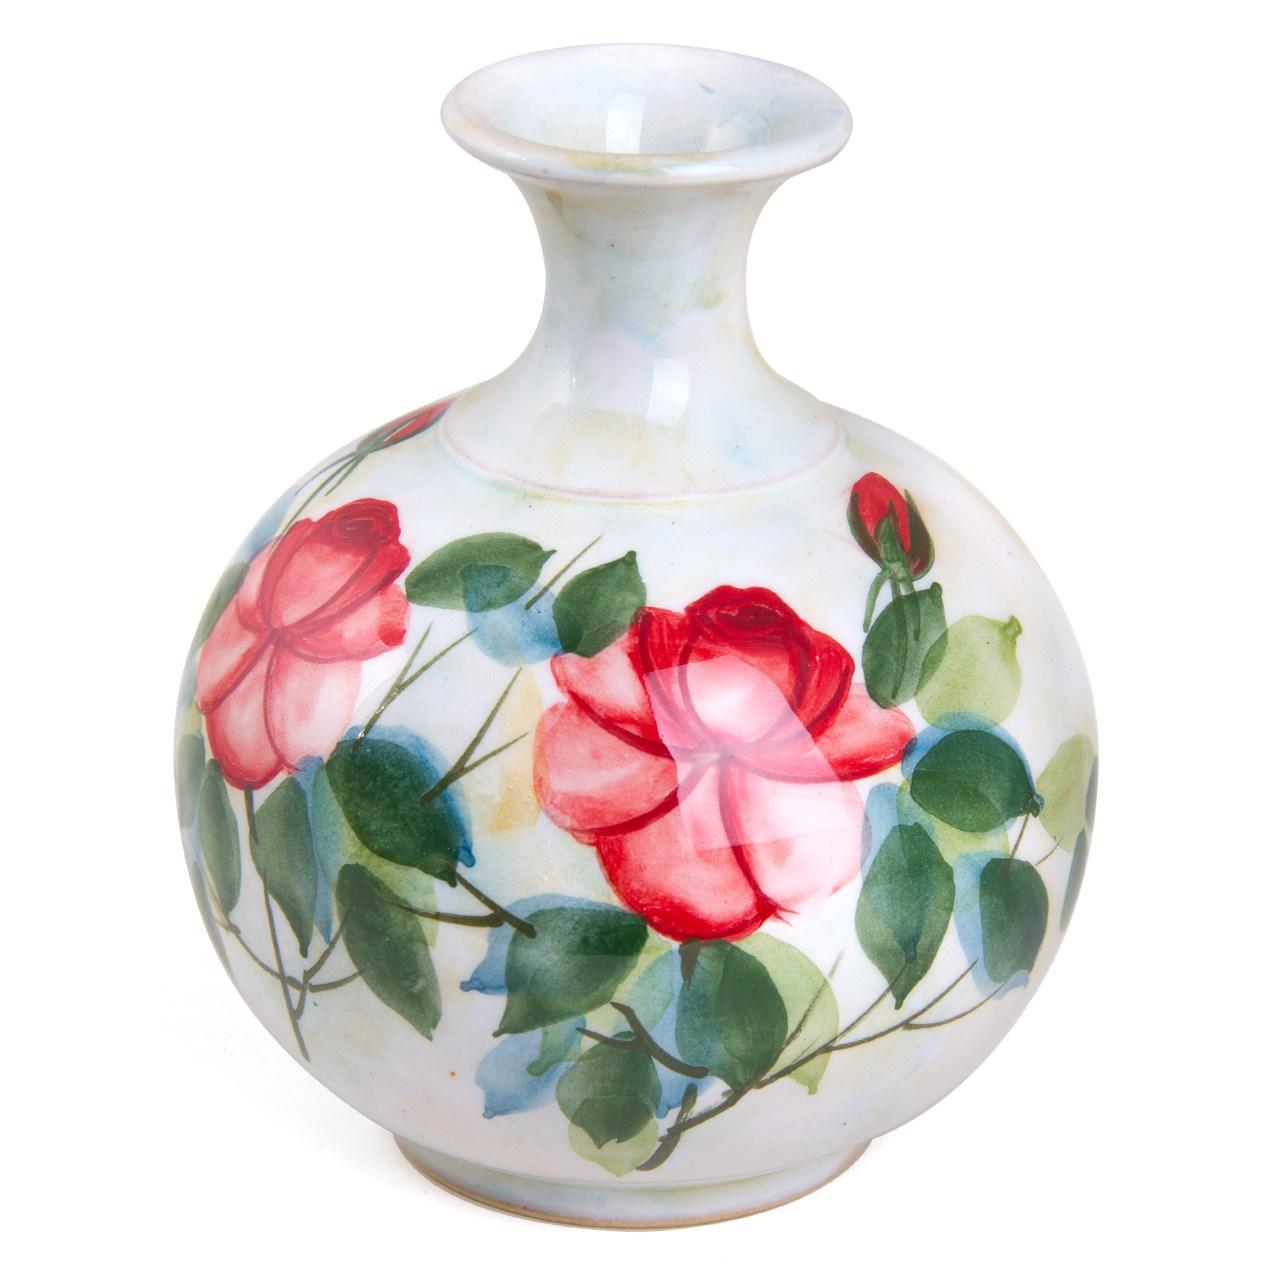 گلدان سفالی لبه شیپوری کارگاه خاکاب طرح رز کوچک